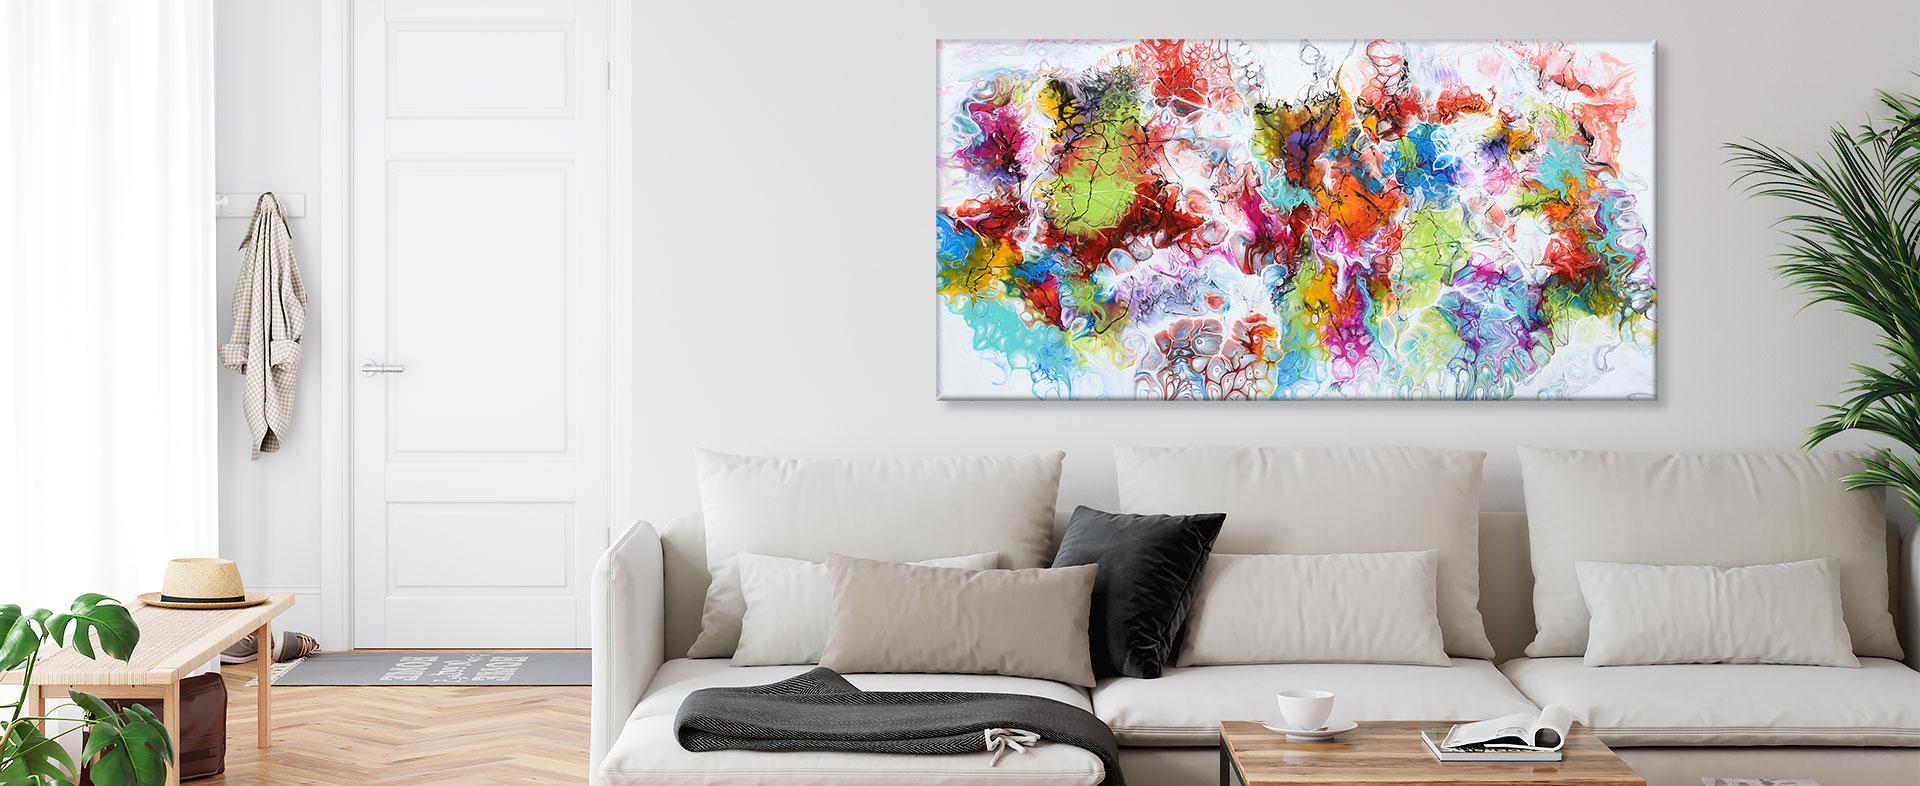 Tilbud på malerier til stuen